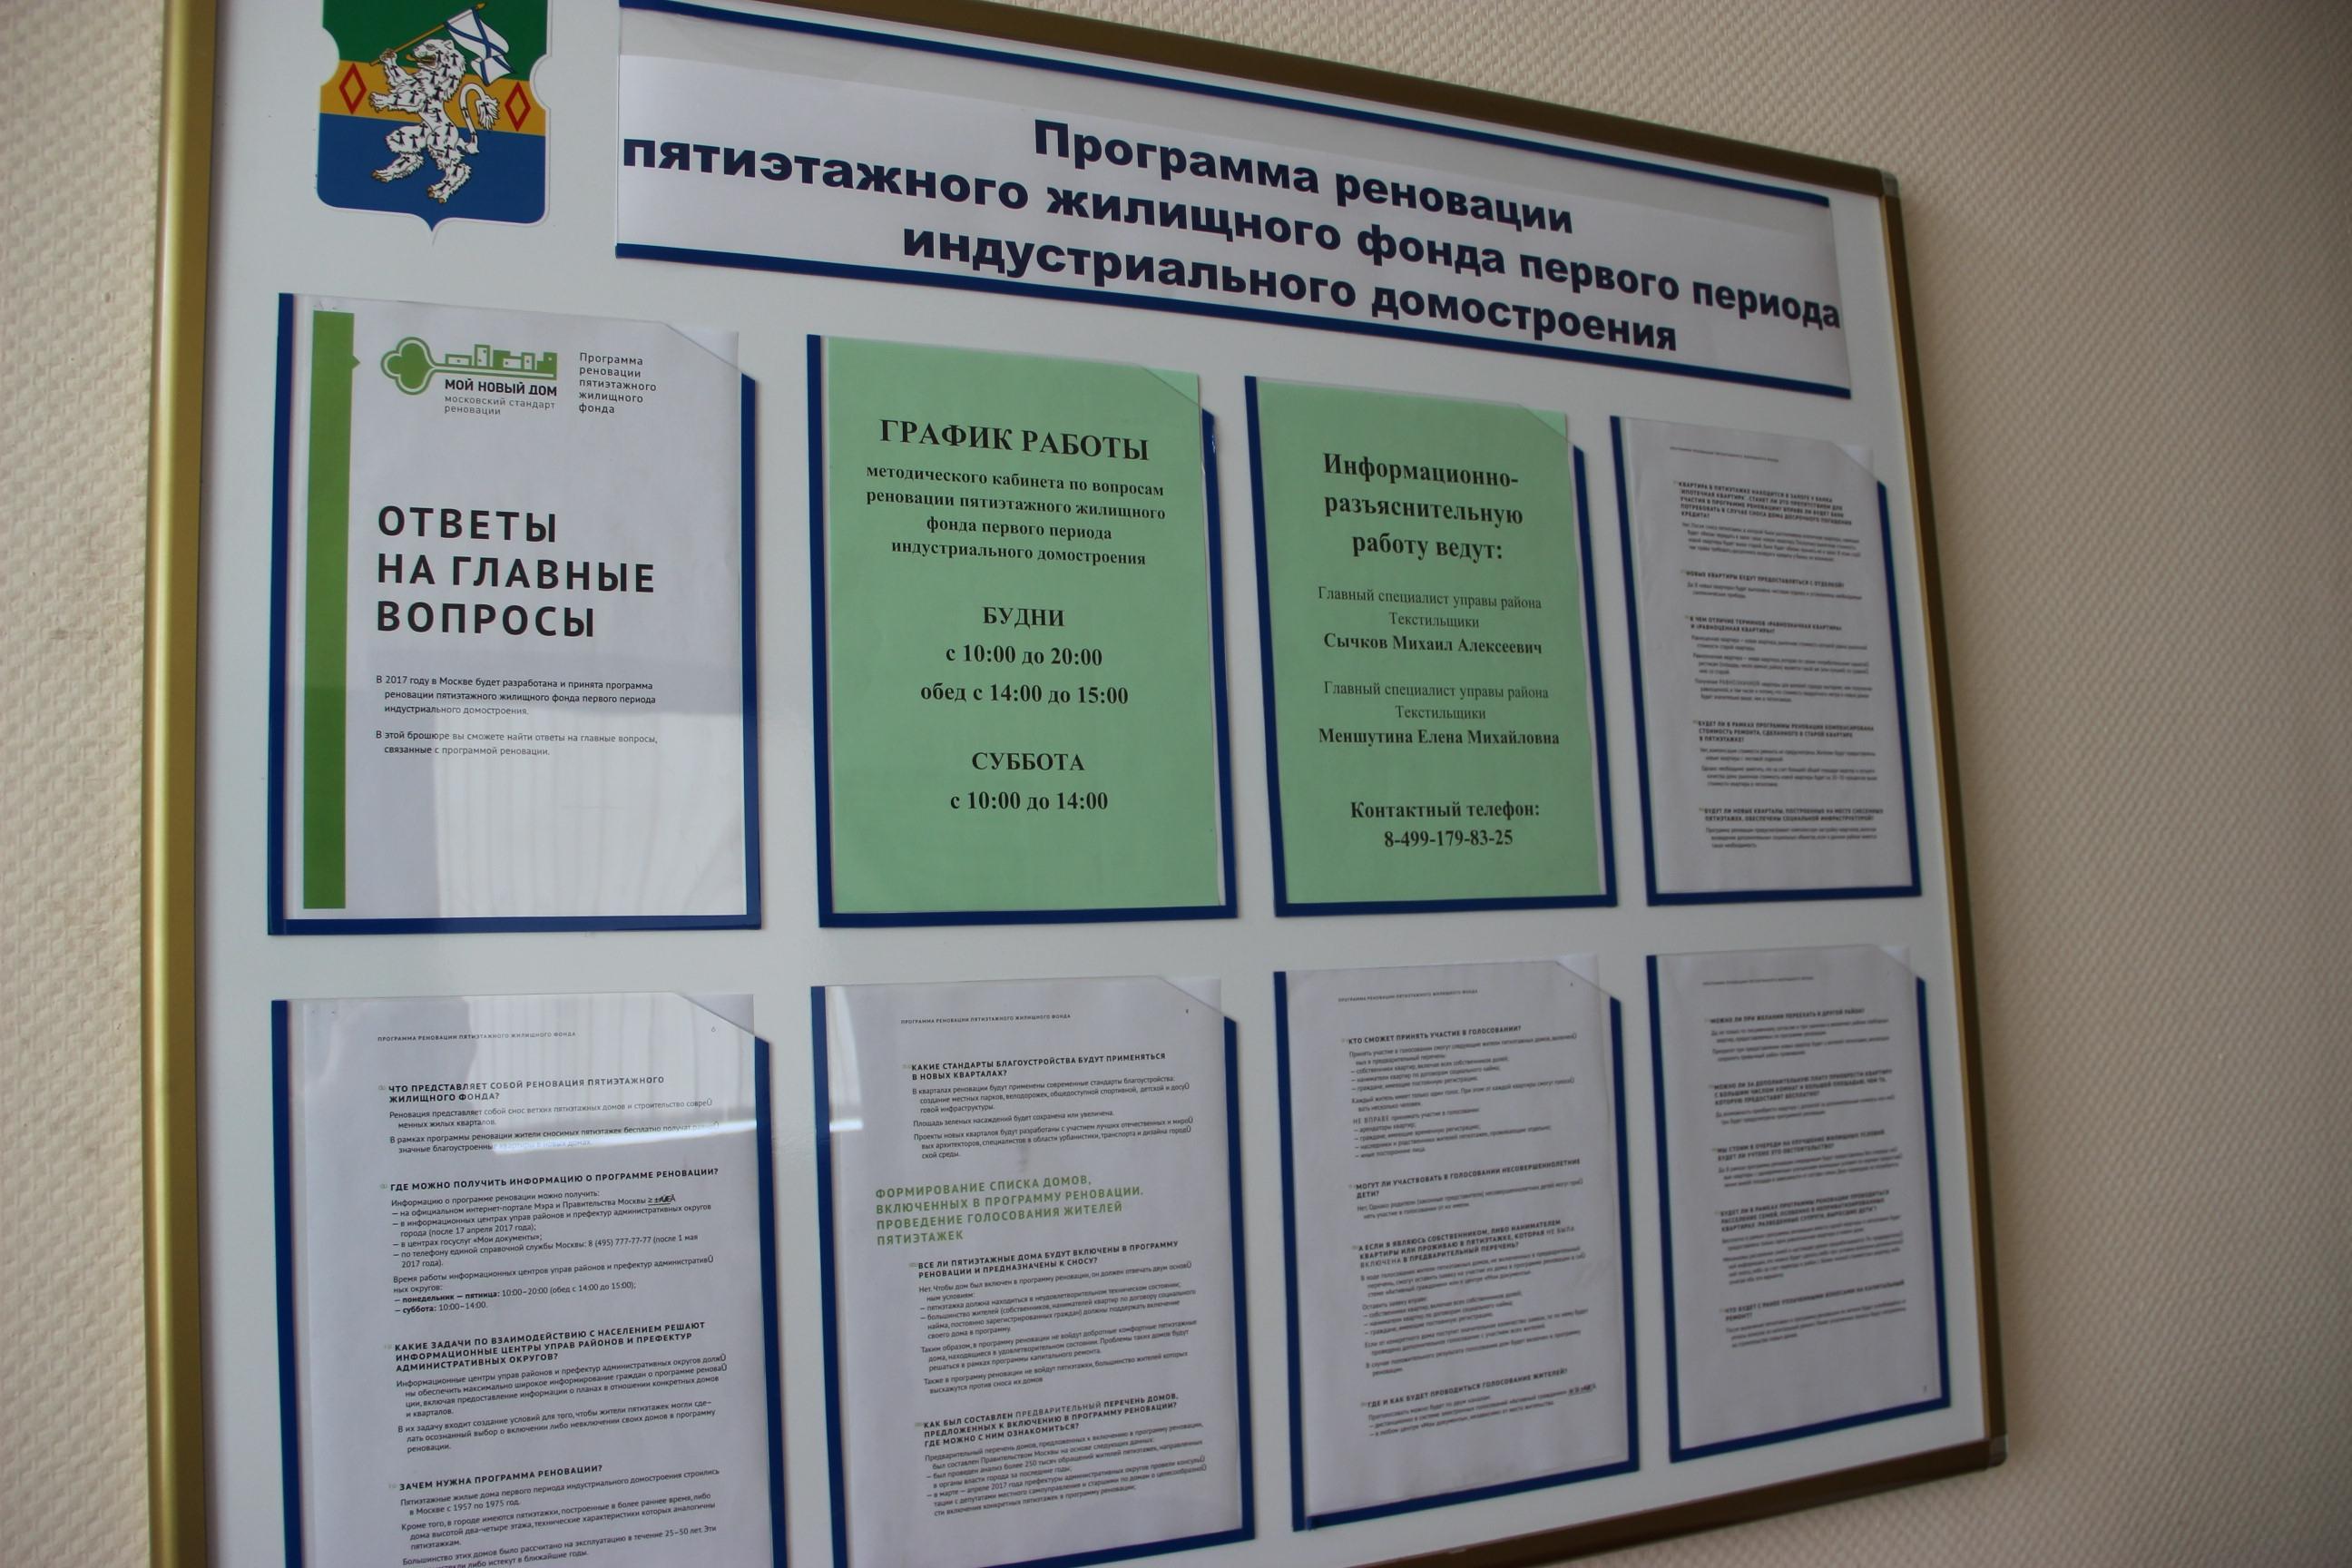 Медицинские книжки в Москве Преображенское с реестром